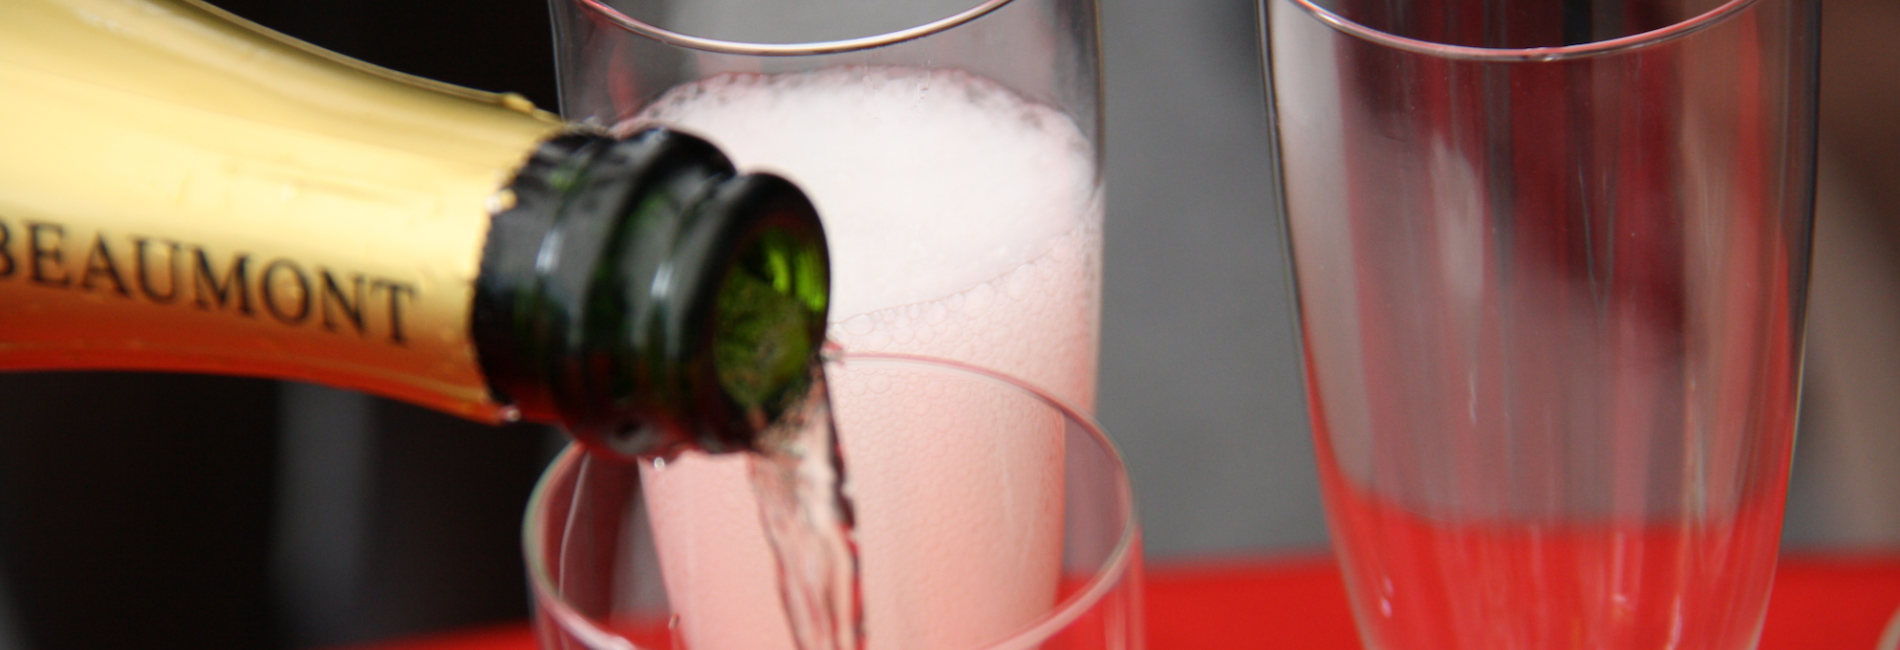 Champagner zum neuen Jahr